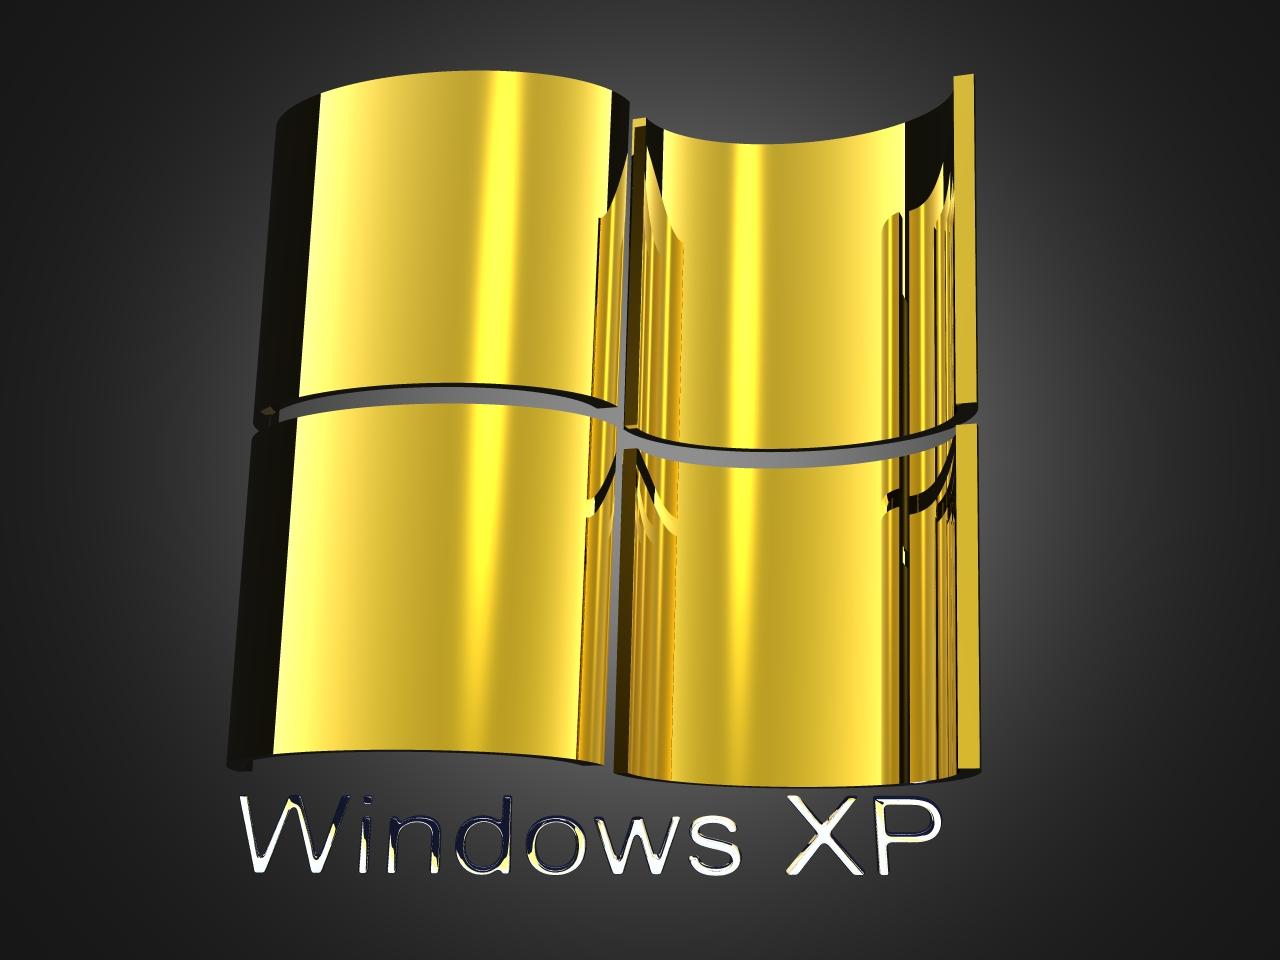 http://4.bp.blogspot.com/_eAWqp7KWKn4/SwMOmOLqakI/AAAAAAAAAJk/bUBQl9xXt2o/s1600/XP_Gold_3.jpg